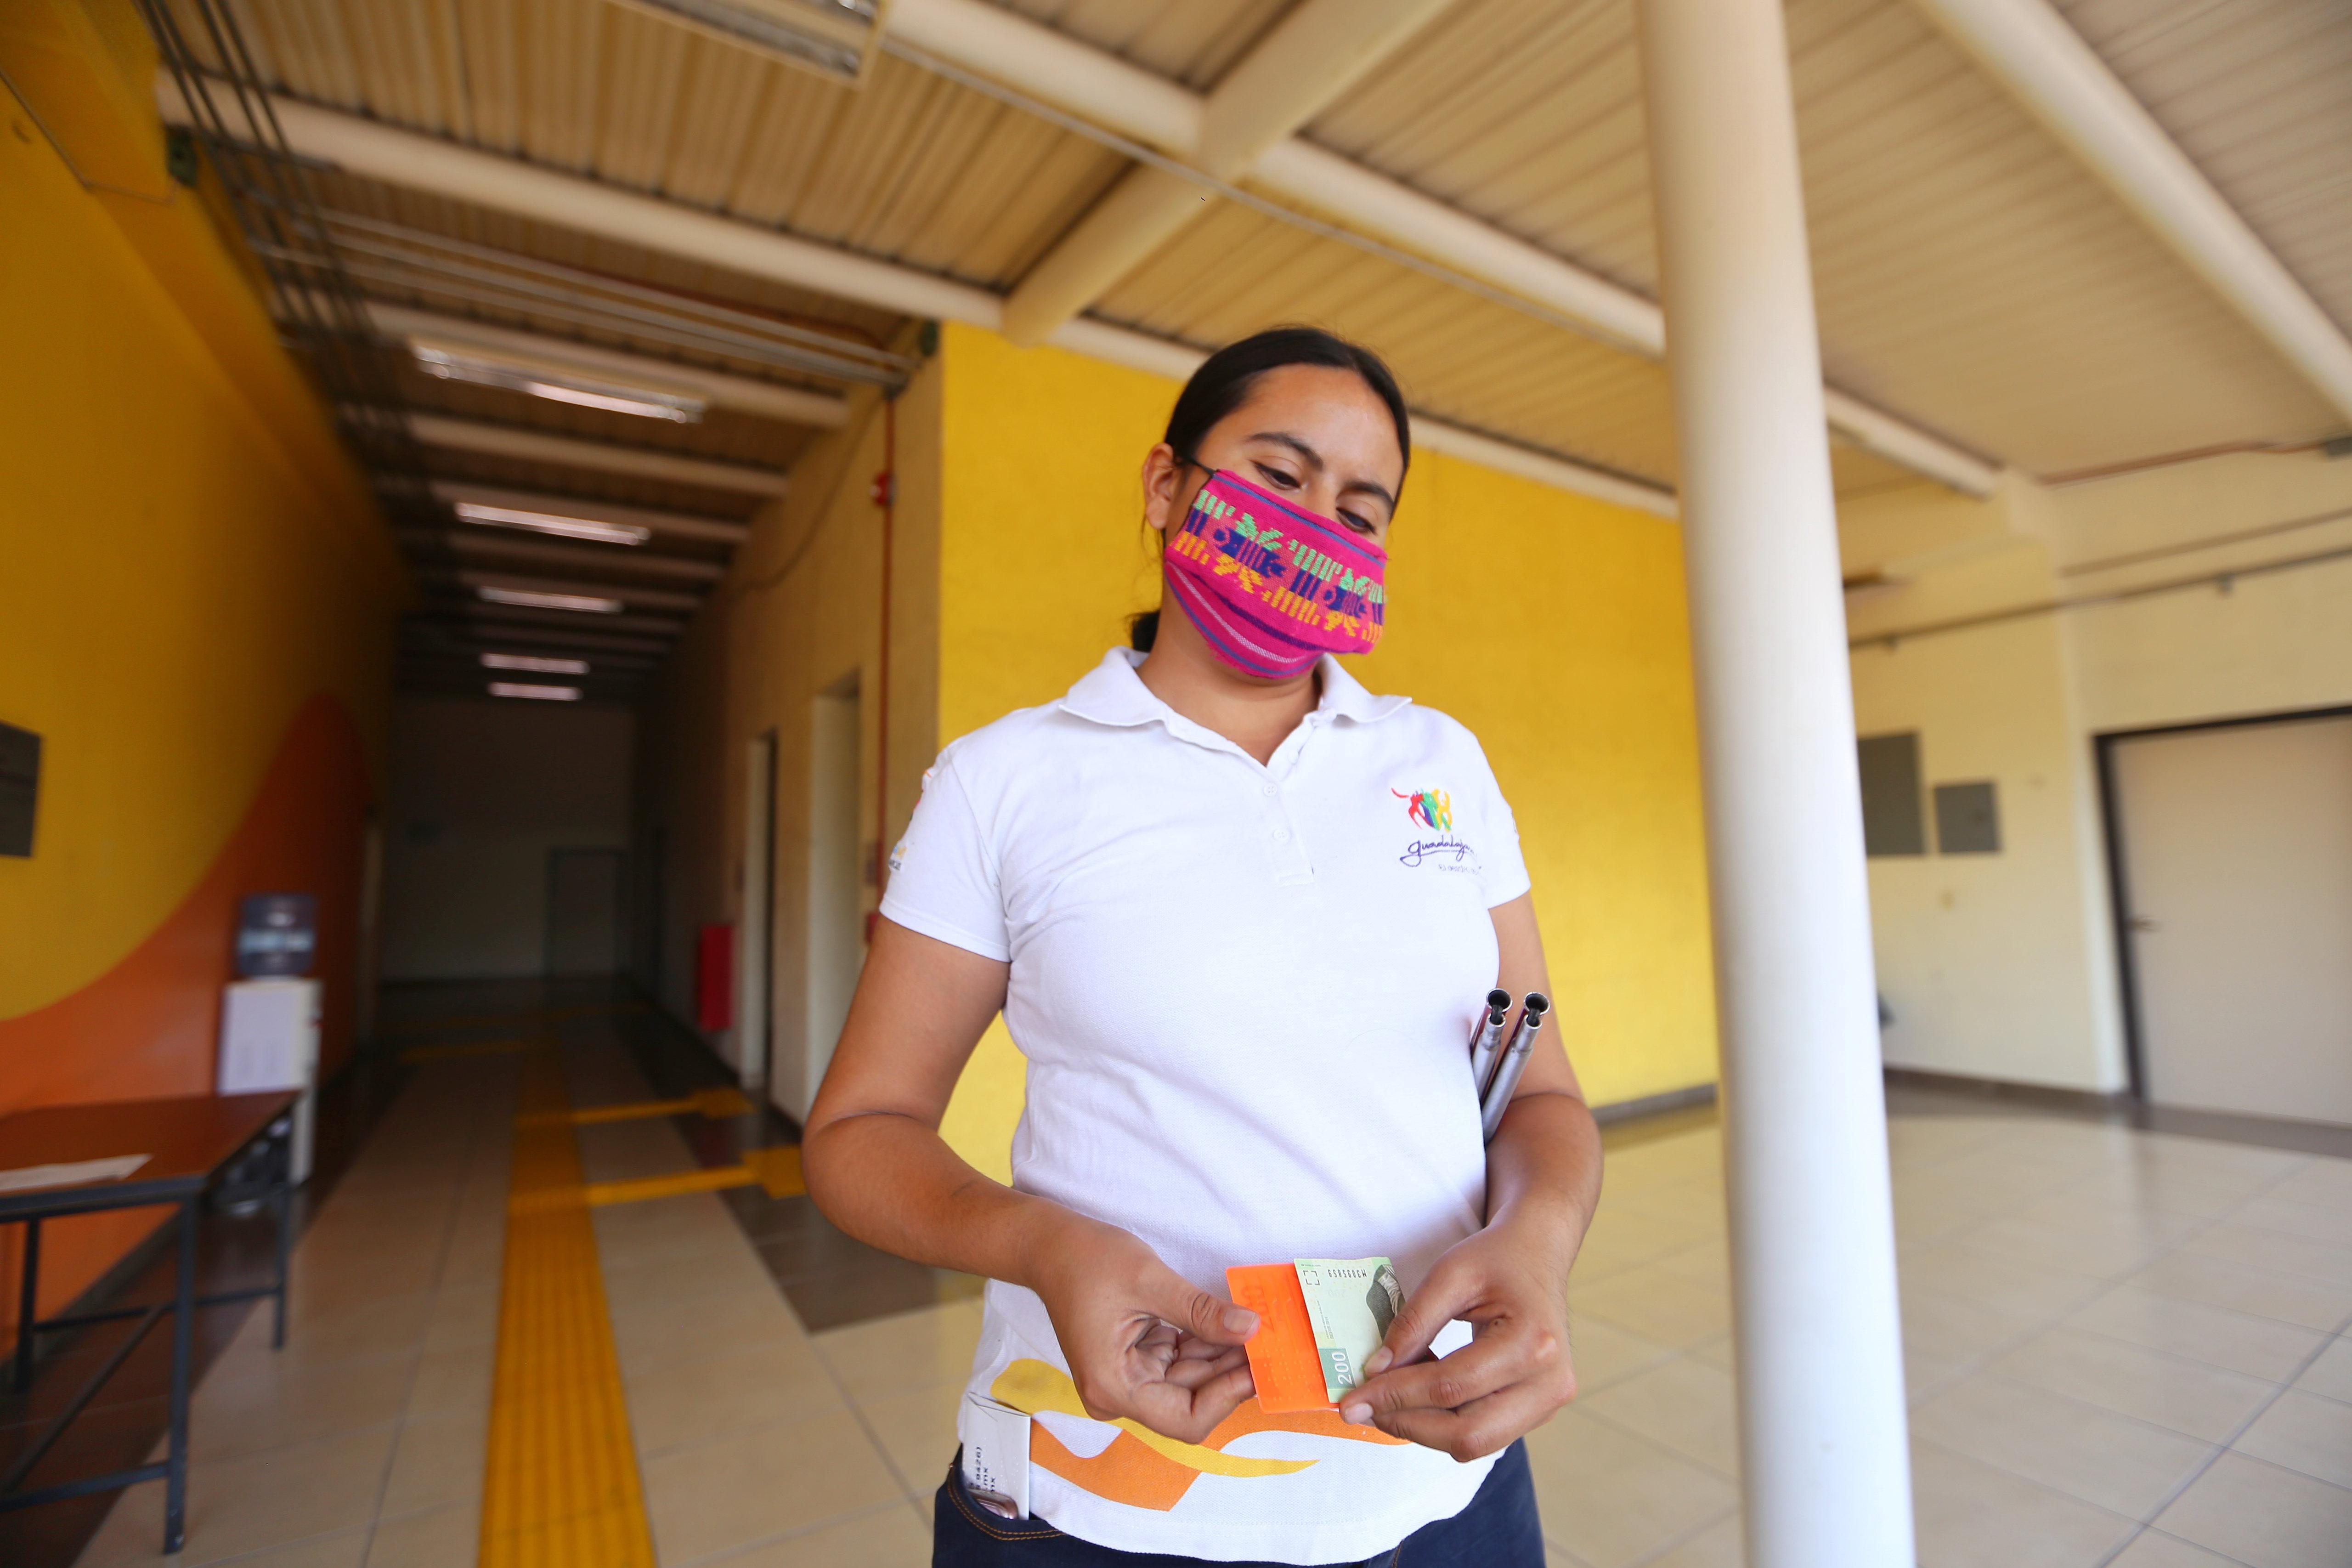 DIF Jalisco distribuirá entre personas con discapacidad visual un 900 tablillas para identificar billetes, donadas por BANXICO.